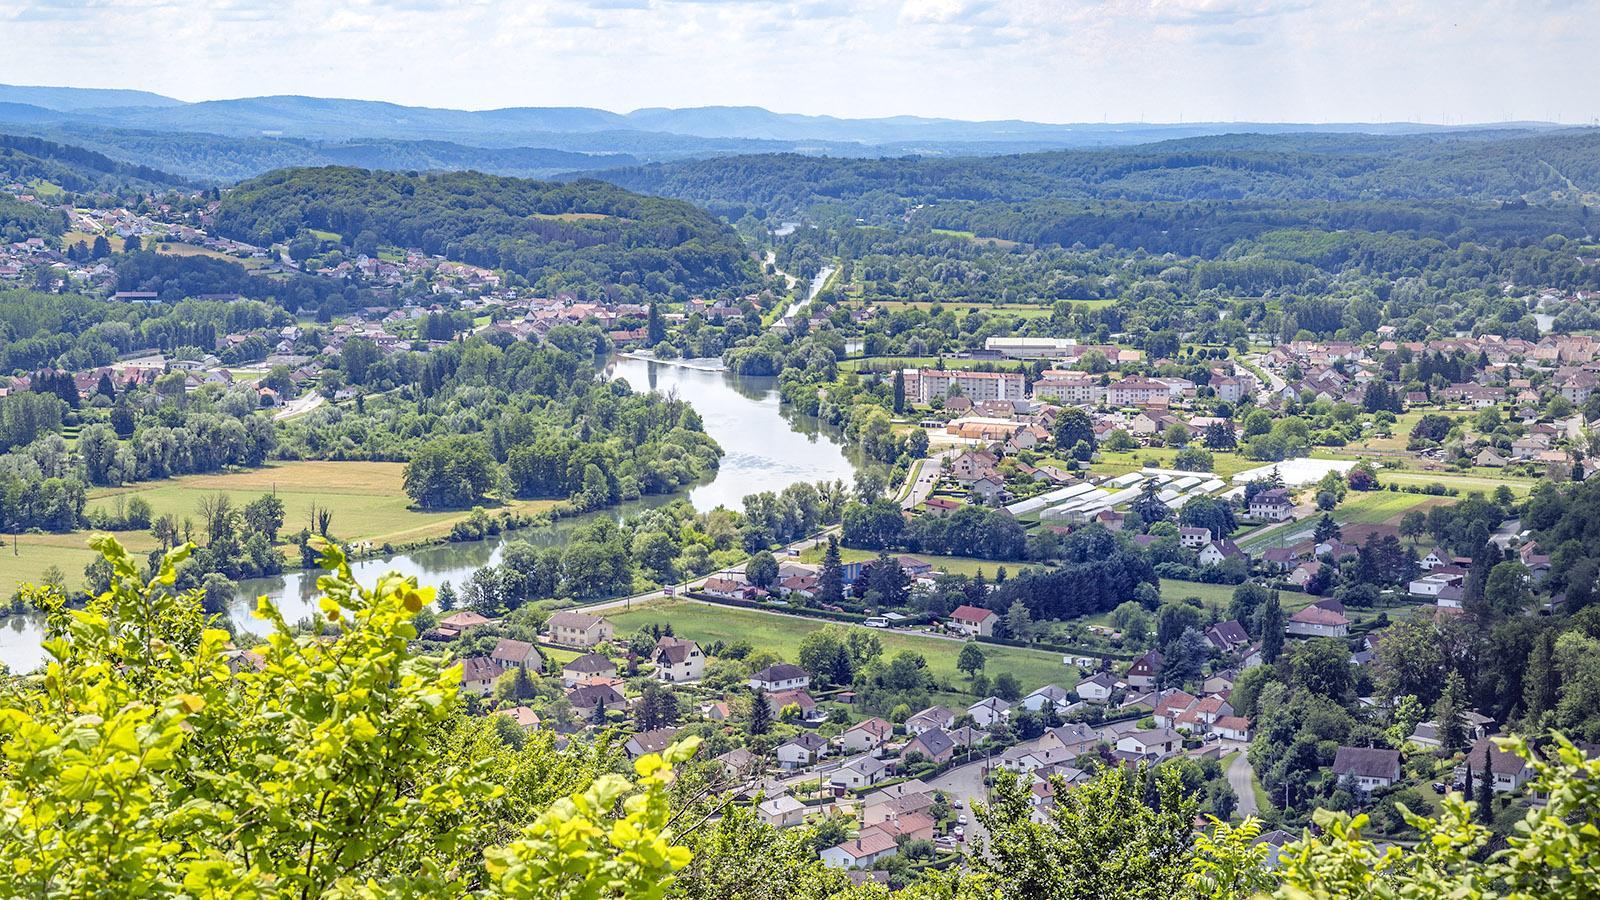 Der Ausblick auf das Tal des Doubs. Foto: Hilke Maunder